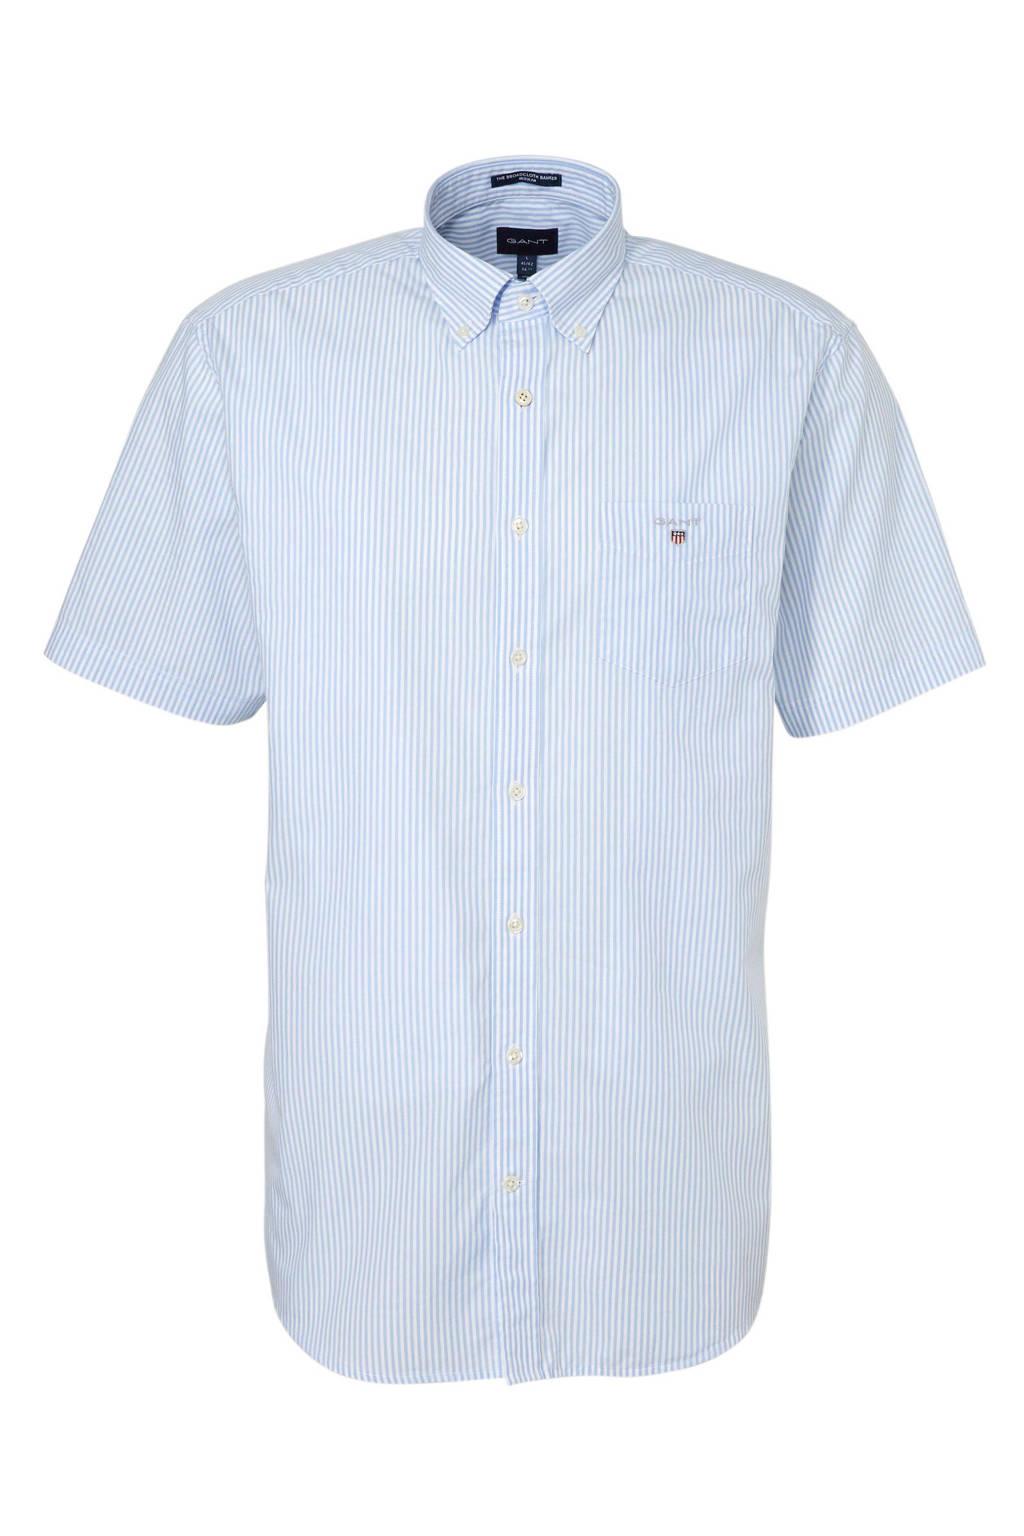 GANT gestreept regular fit overhemd blauw/wit, Lichtblauw